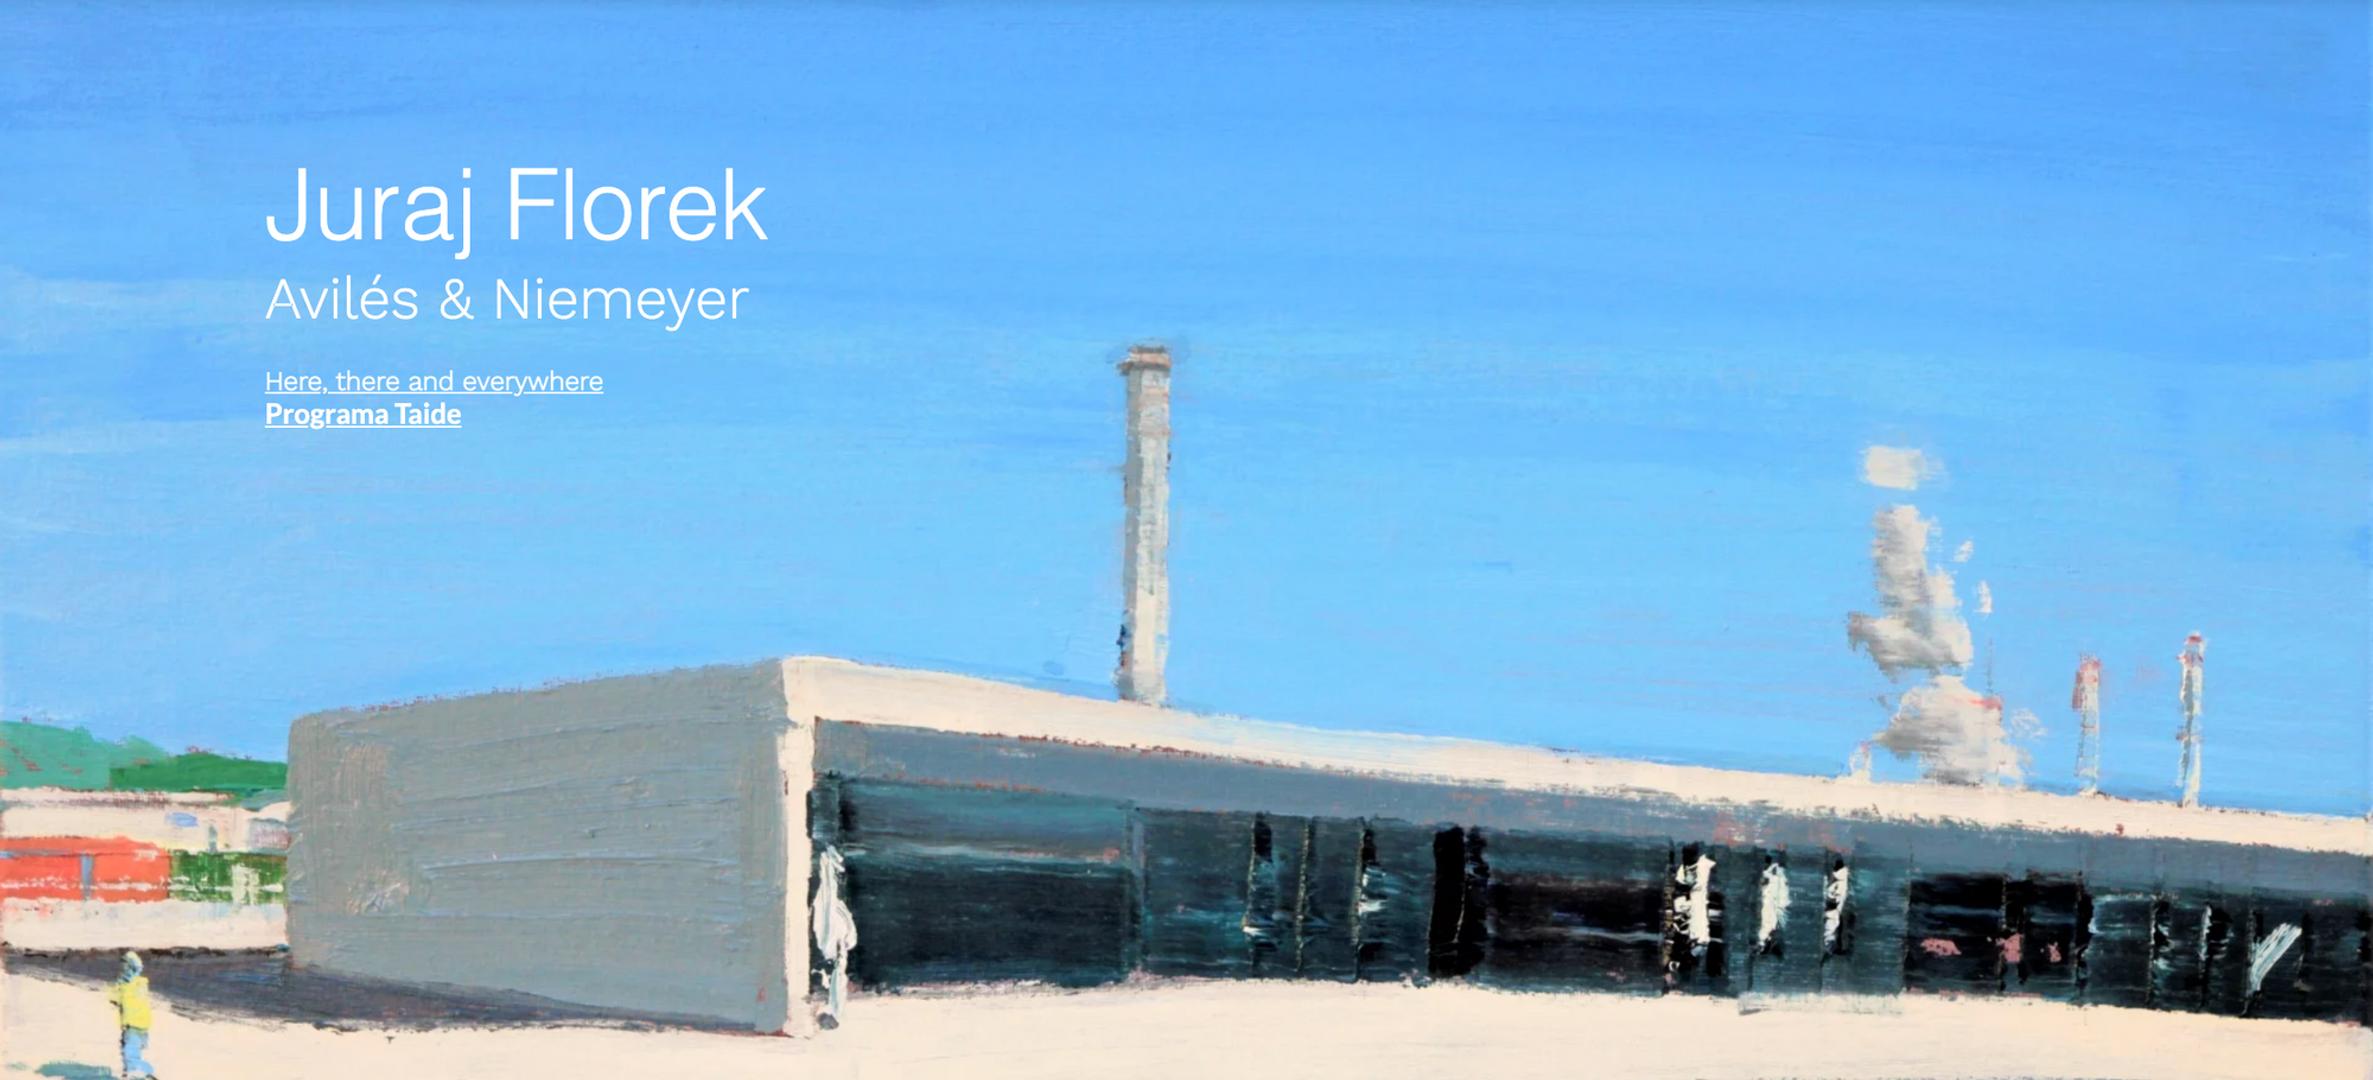 Aviles & Niemeyer